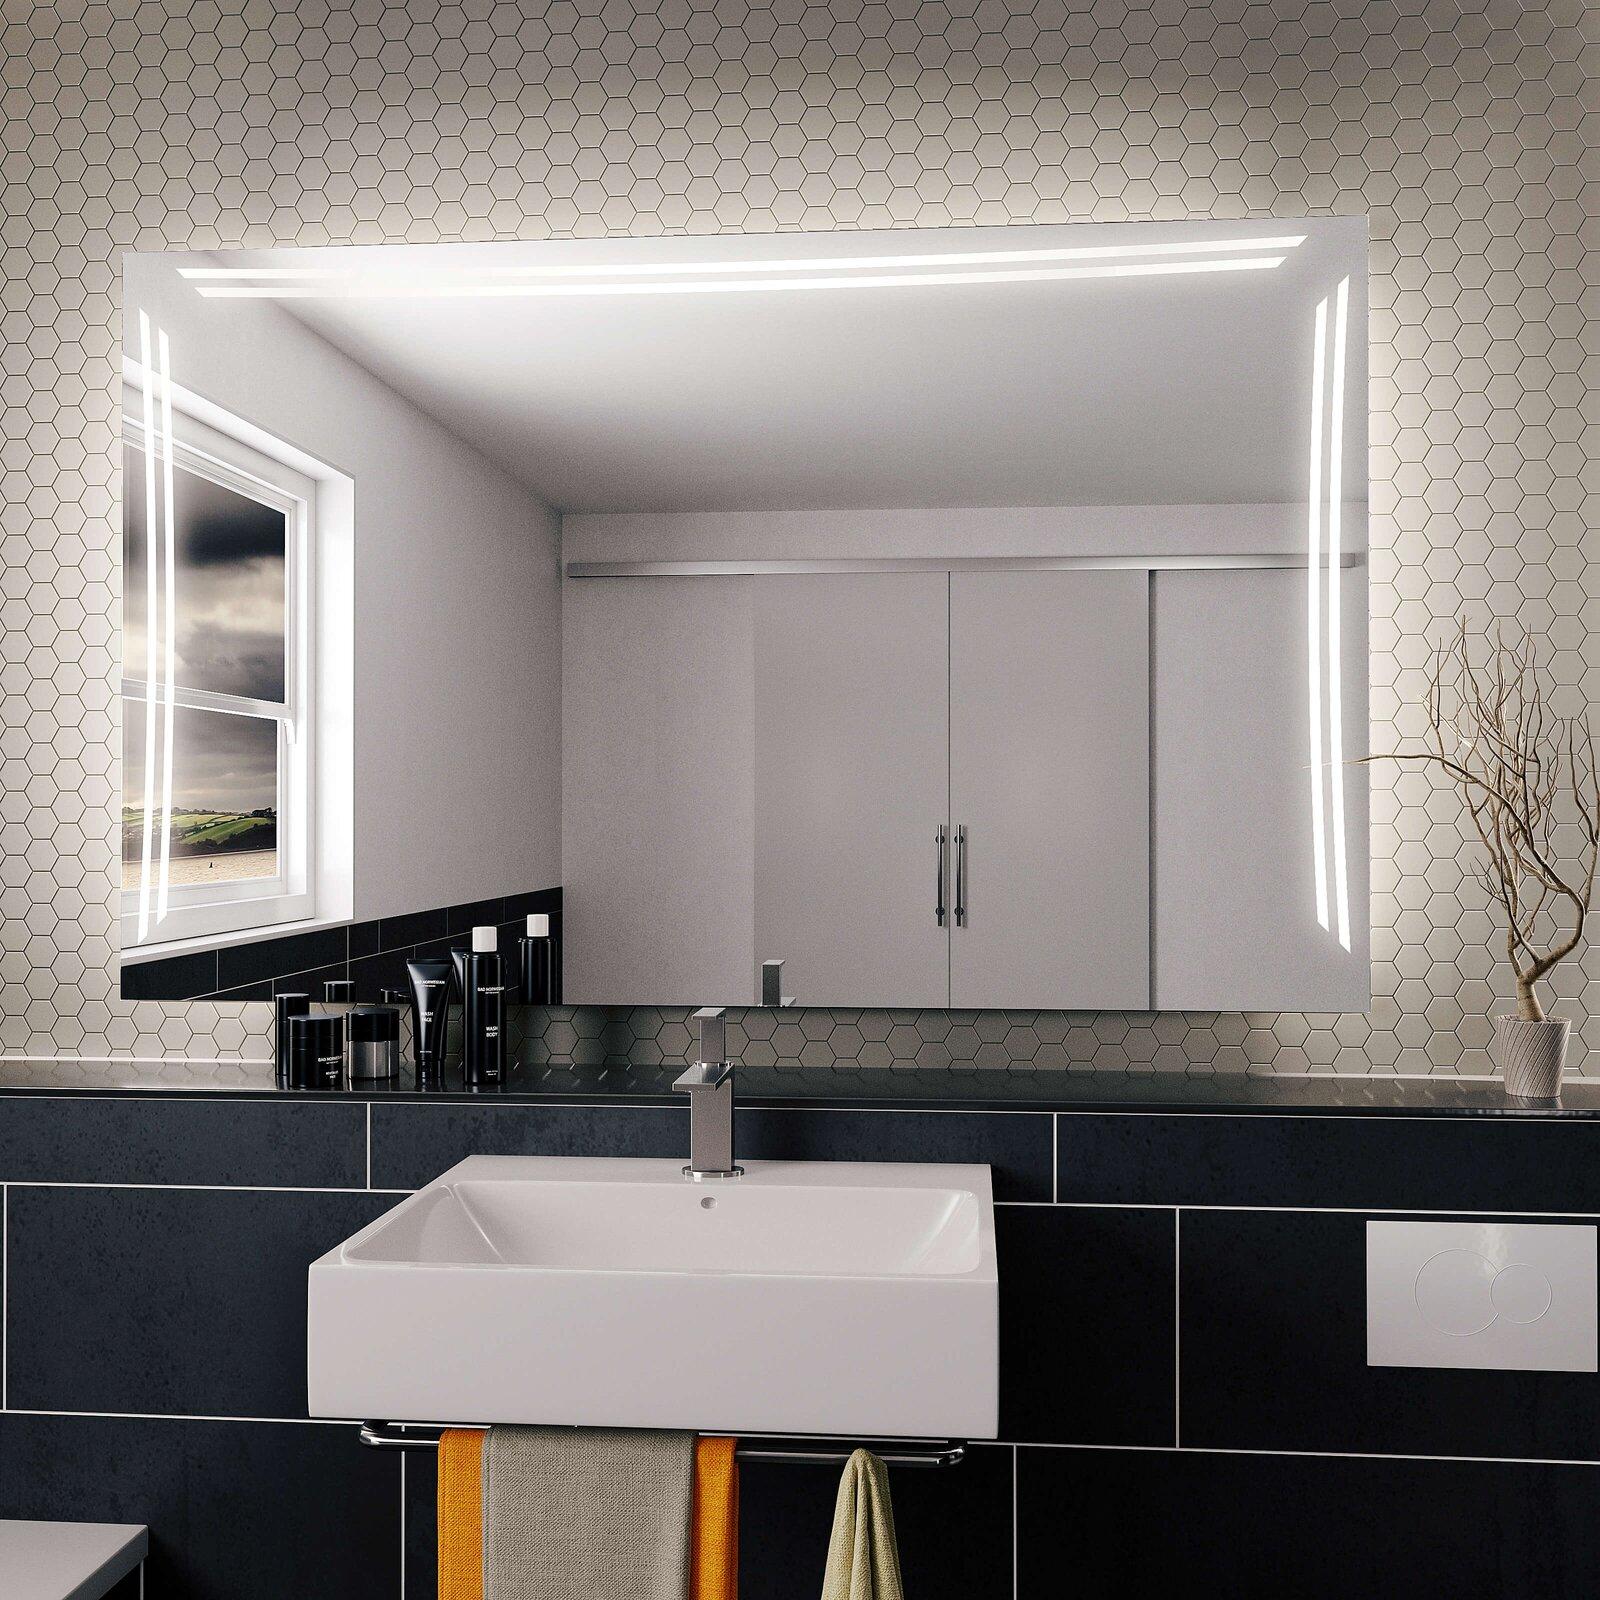 spiegell feng shui ts beleuchtet sofort lieferbar. Black Bedroom Furniture Sets. Home Design Ideas